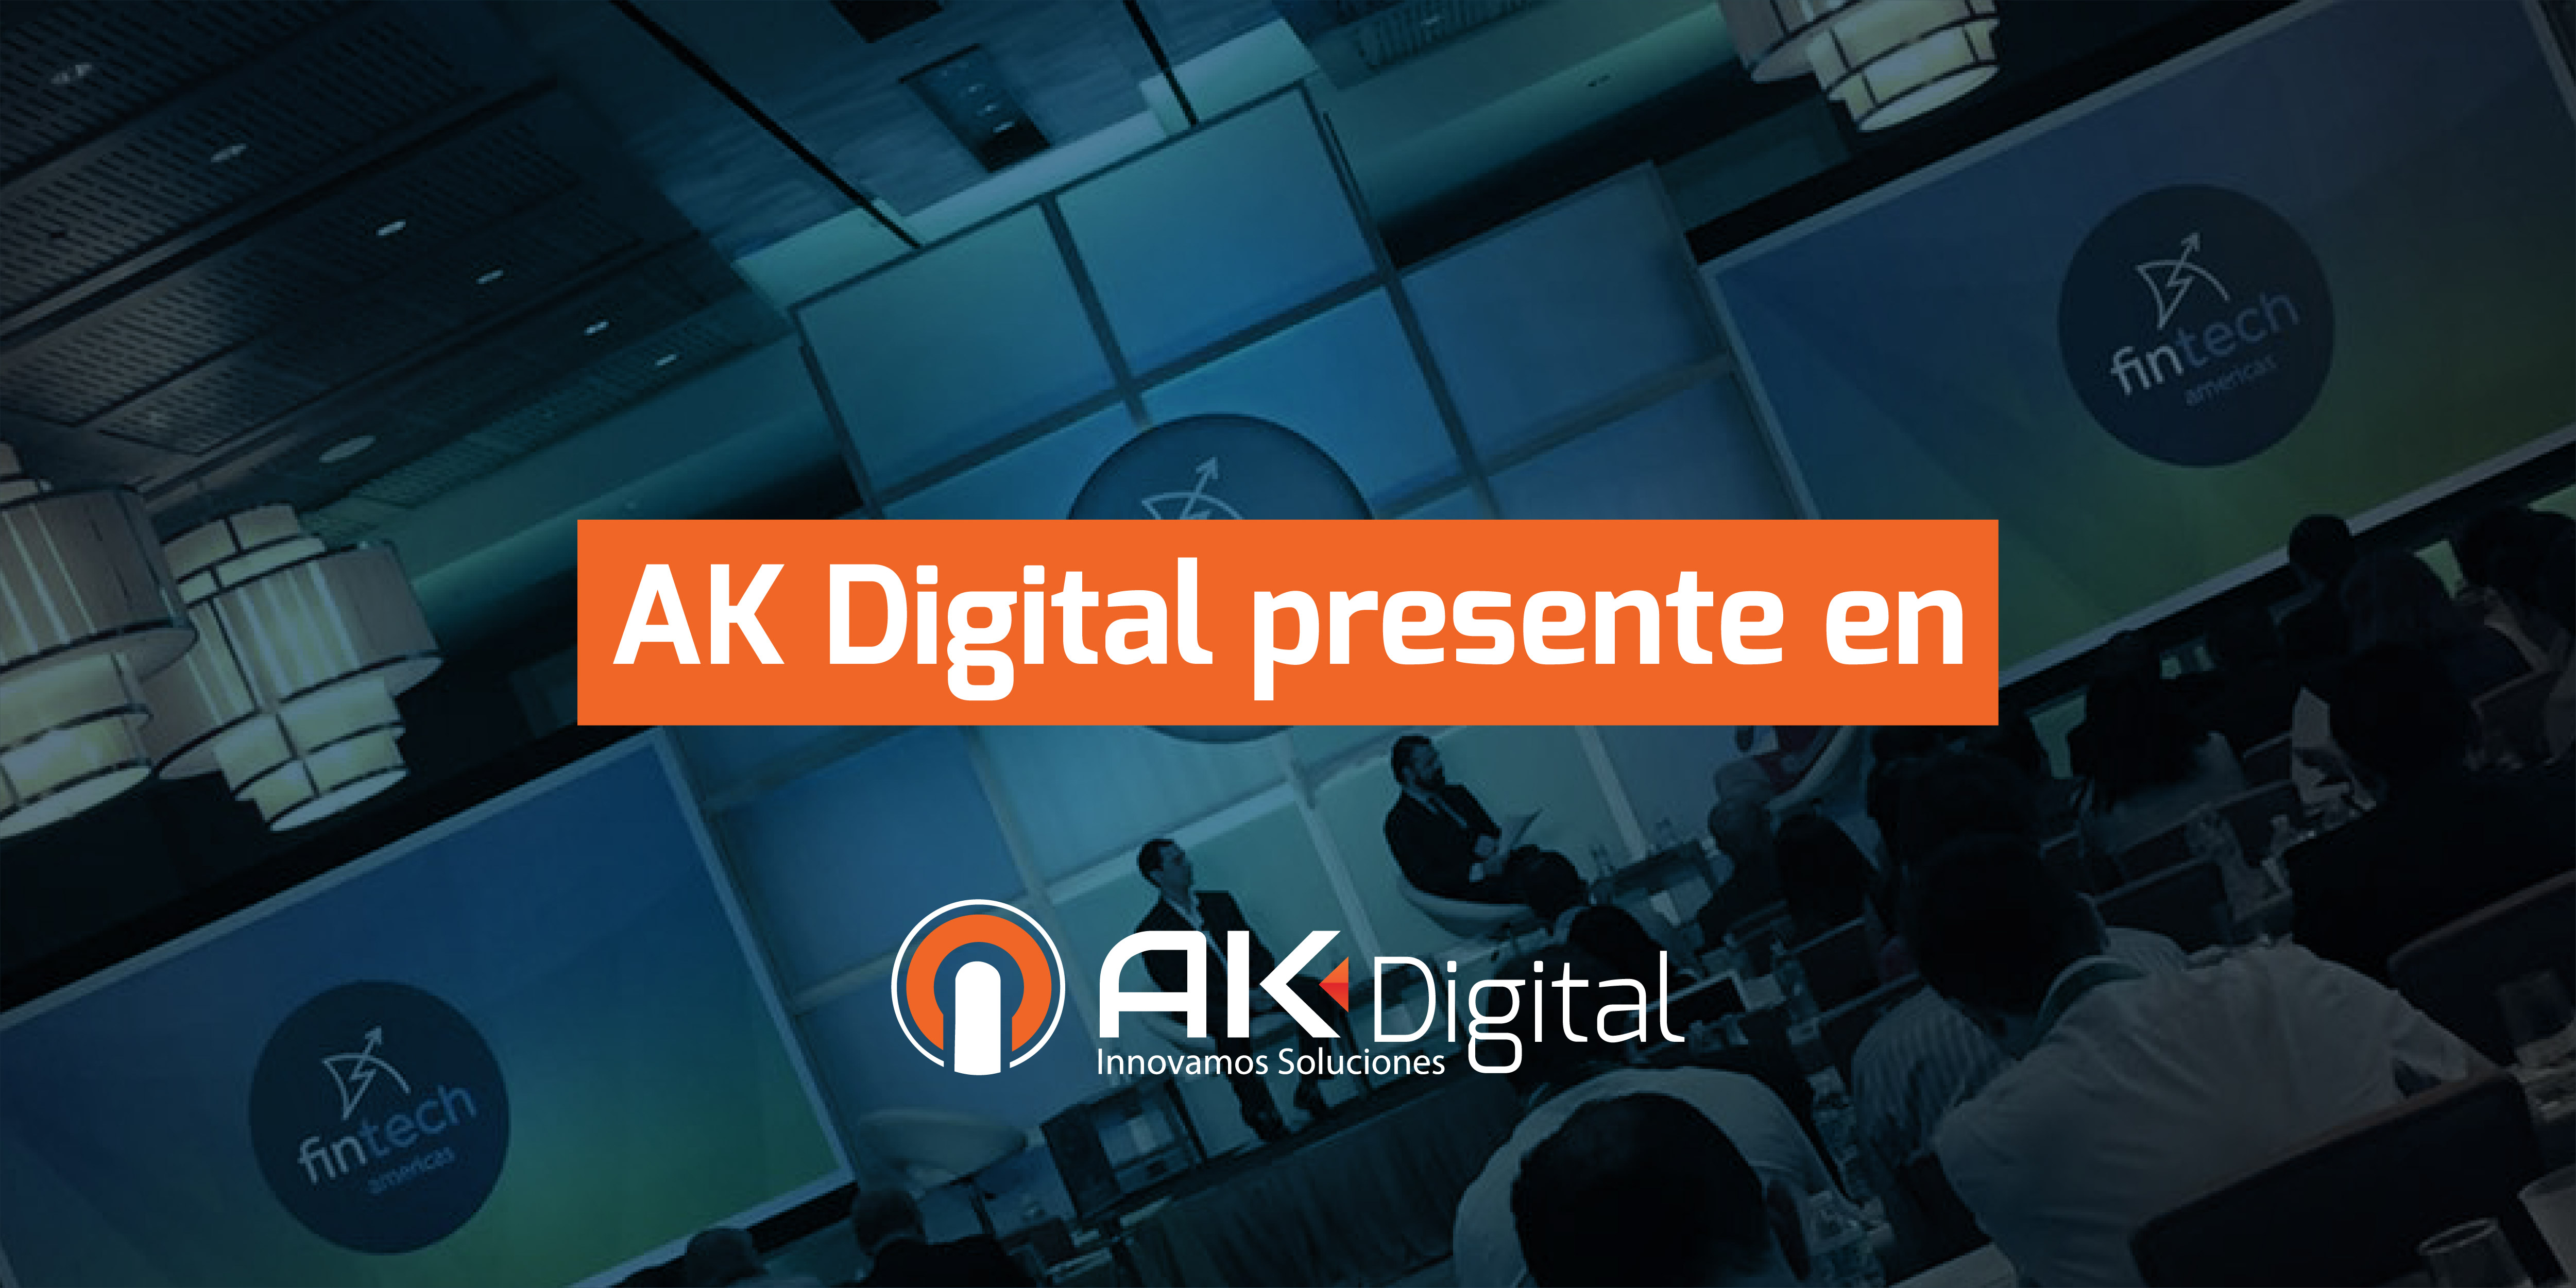 AK Digital presente en la principal conferencia regional bancaria de tecnología